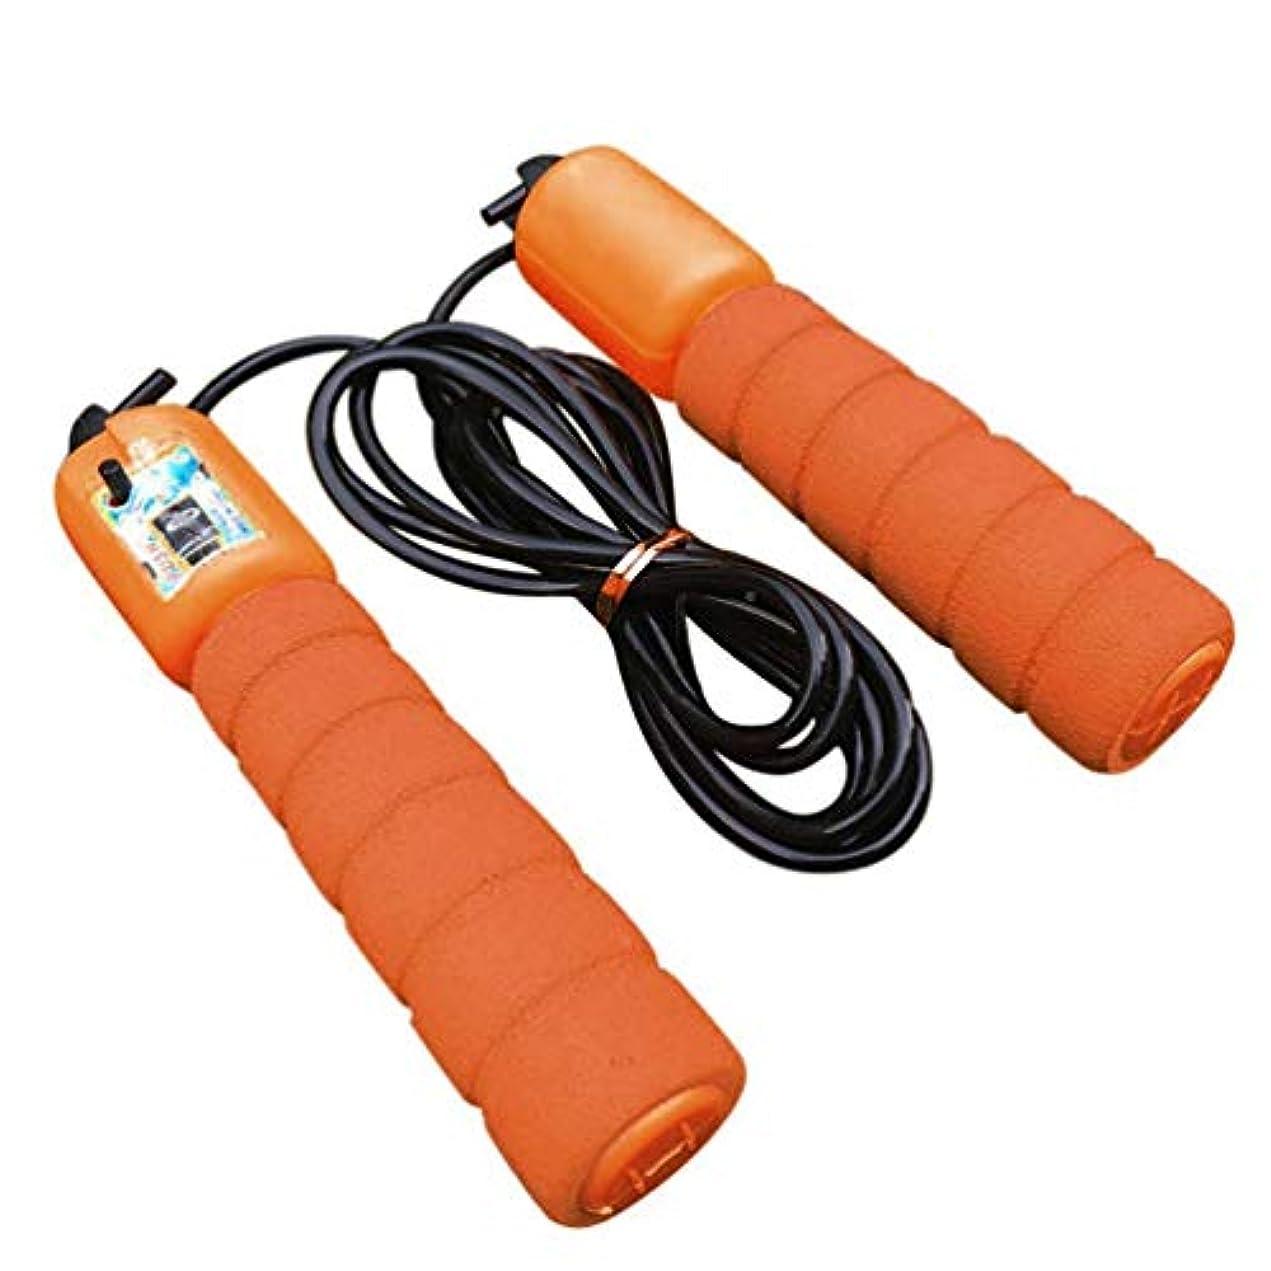 レコーダー仕方抜け目がない調整可能なプロフェッショナルカウントスキップロープ自動カウントジャンプロープフィットネスエクササイズ高速スピードカウントジャンプロープ-オレンジ